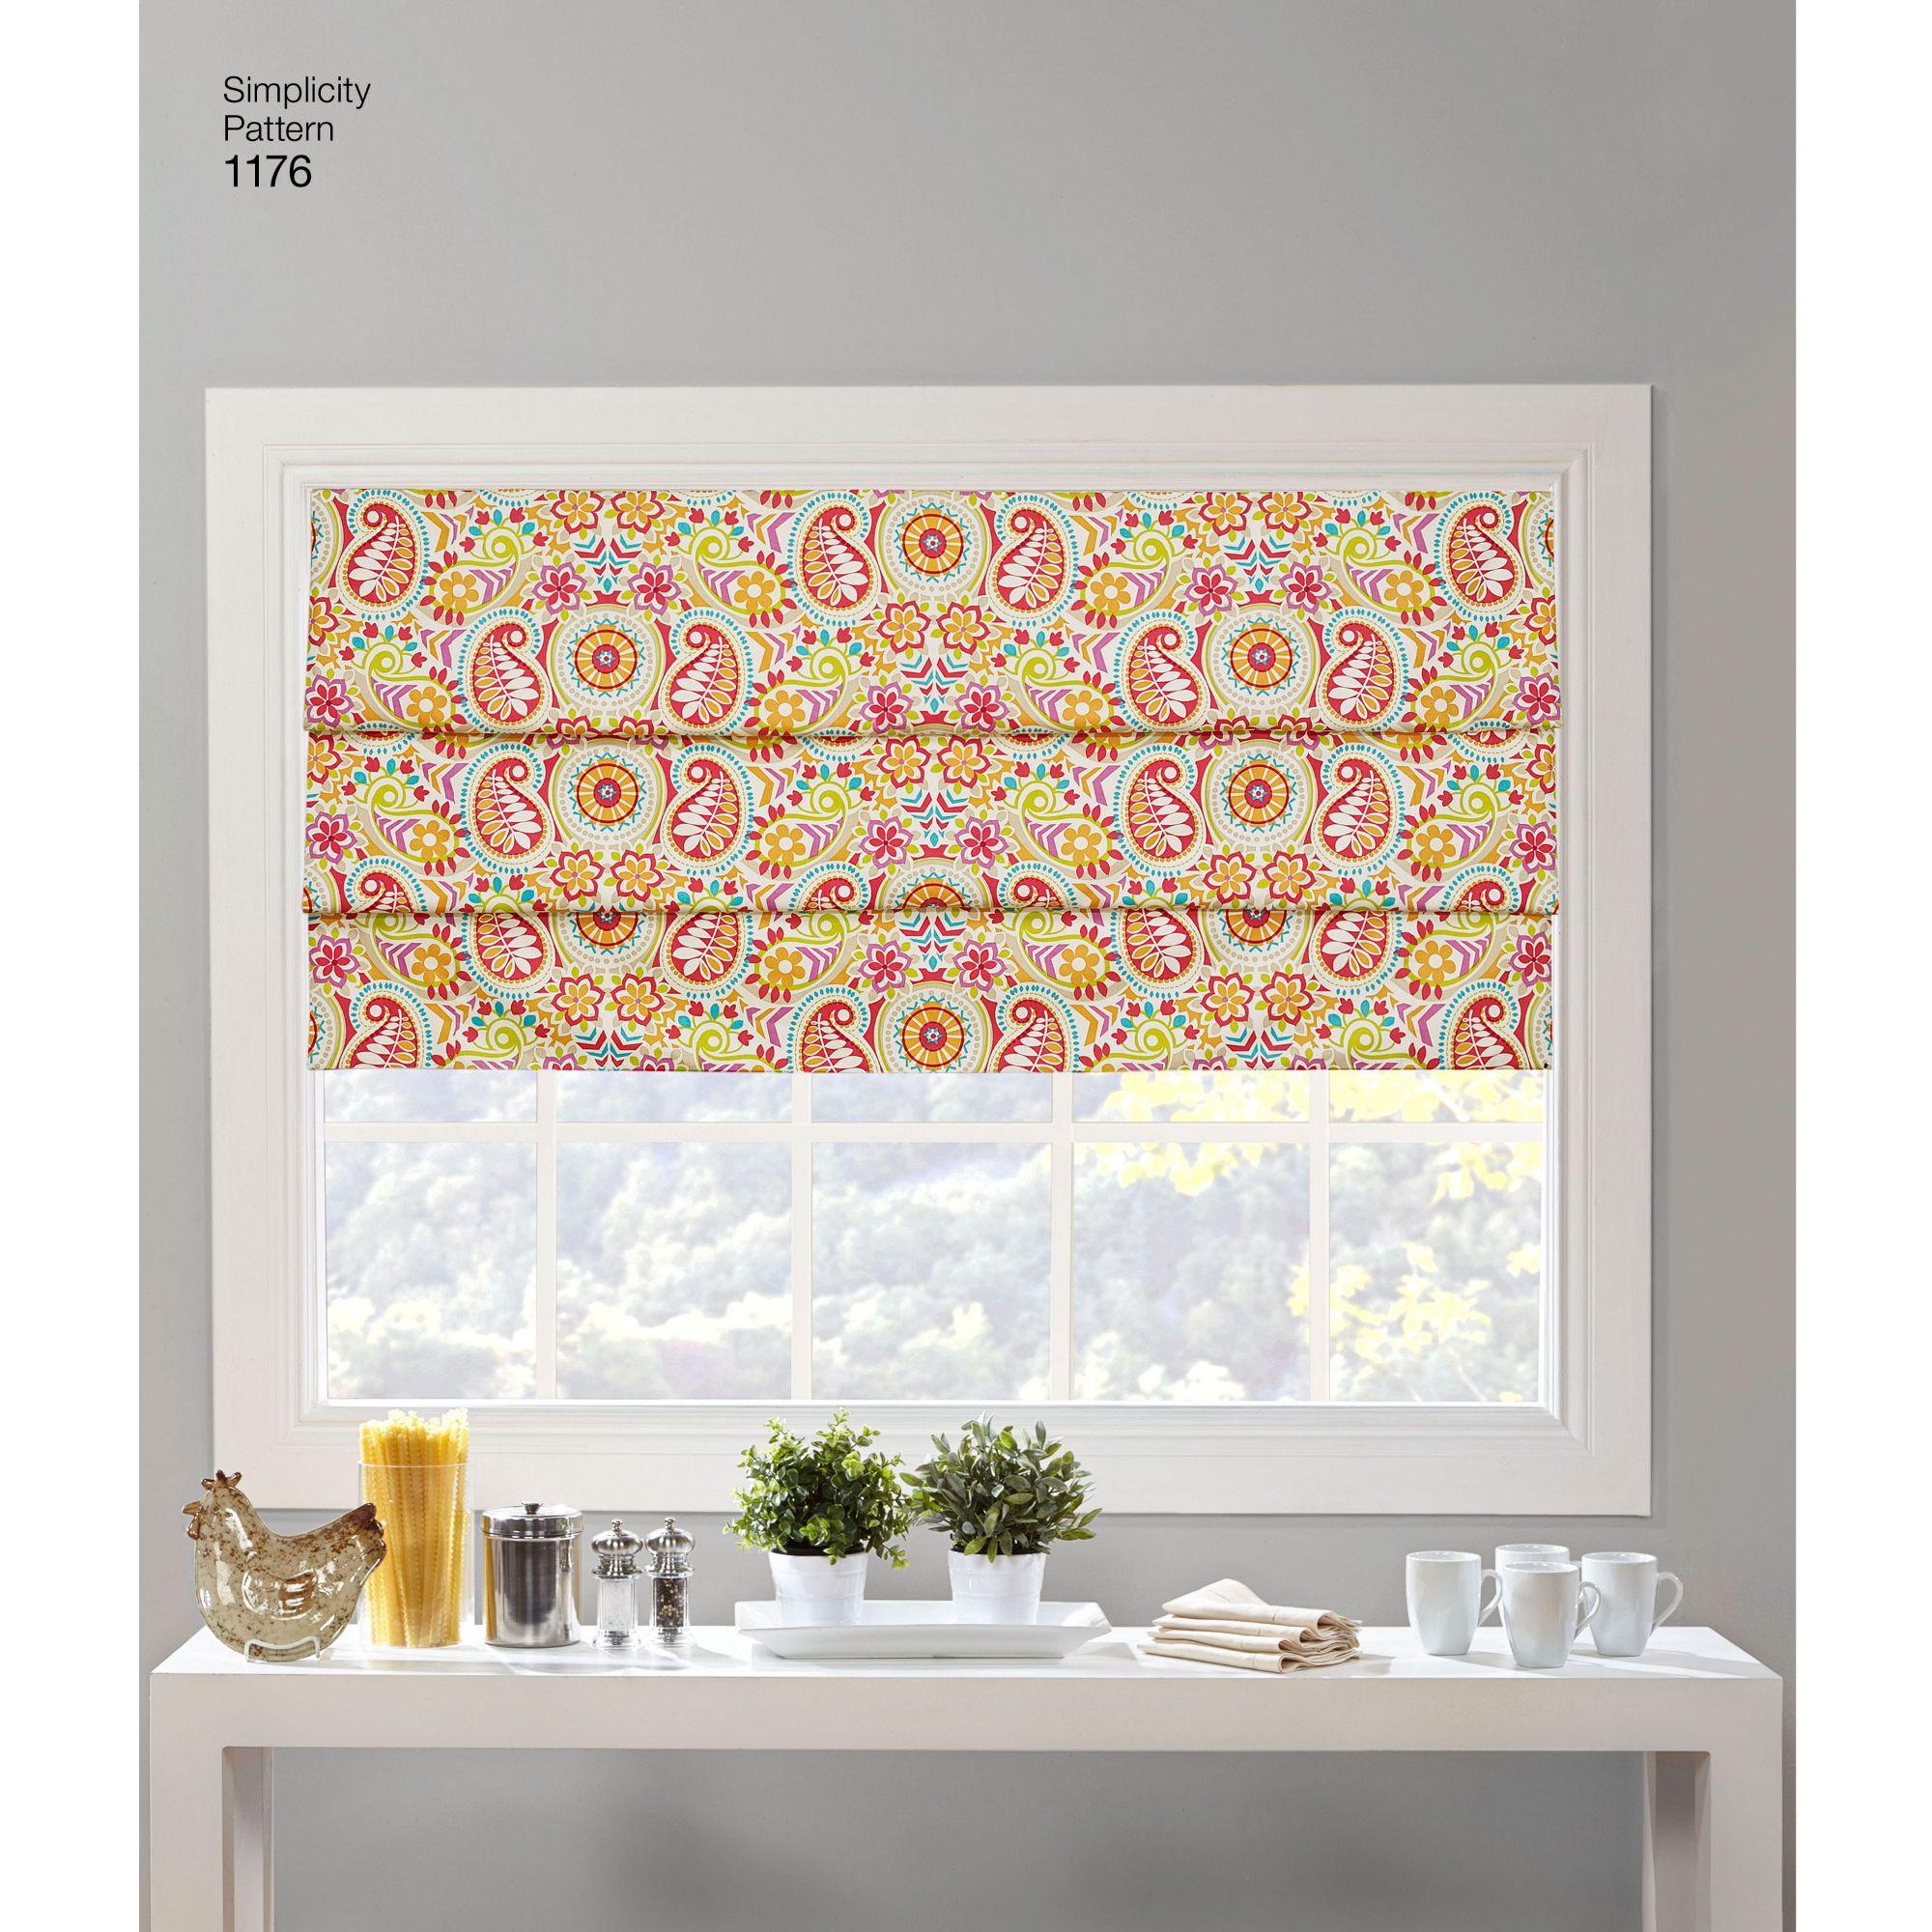 simplicity-home-decor-pattern-1176-AV3